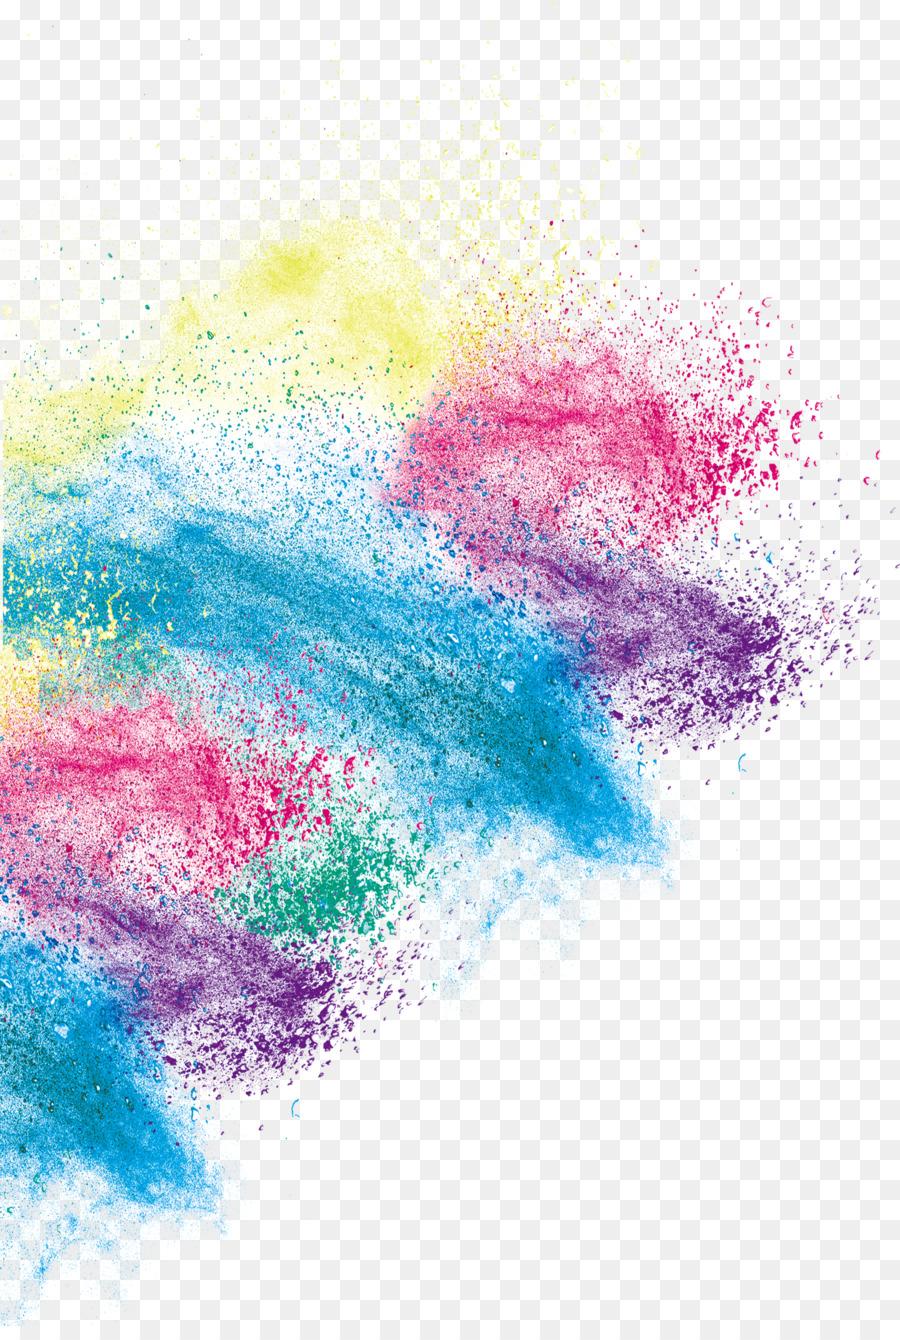 Descarga gratuita de Impresión De Inyección De Tinta, Tinta, Color imágenes PNG